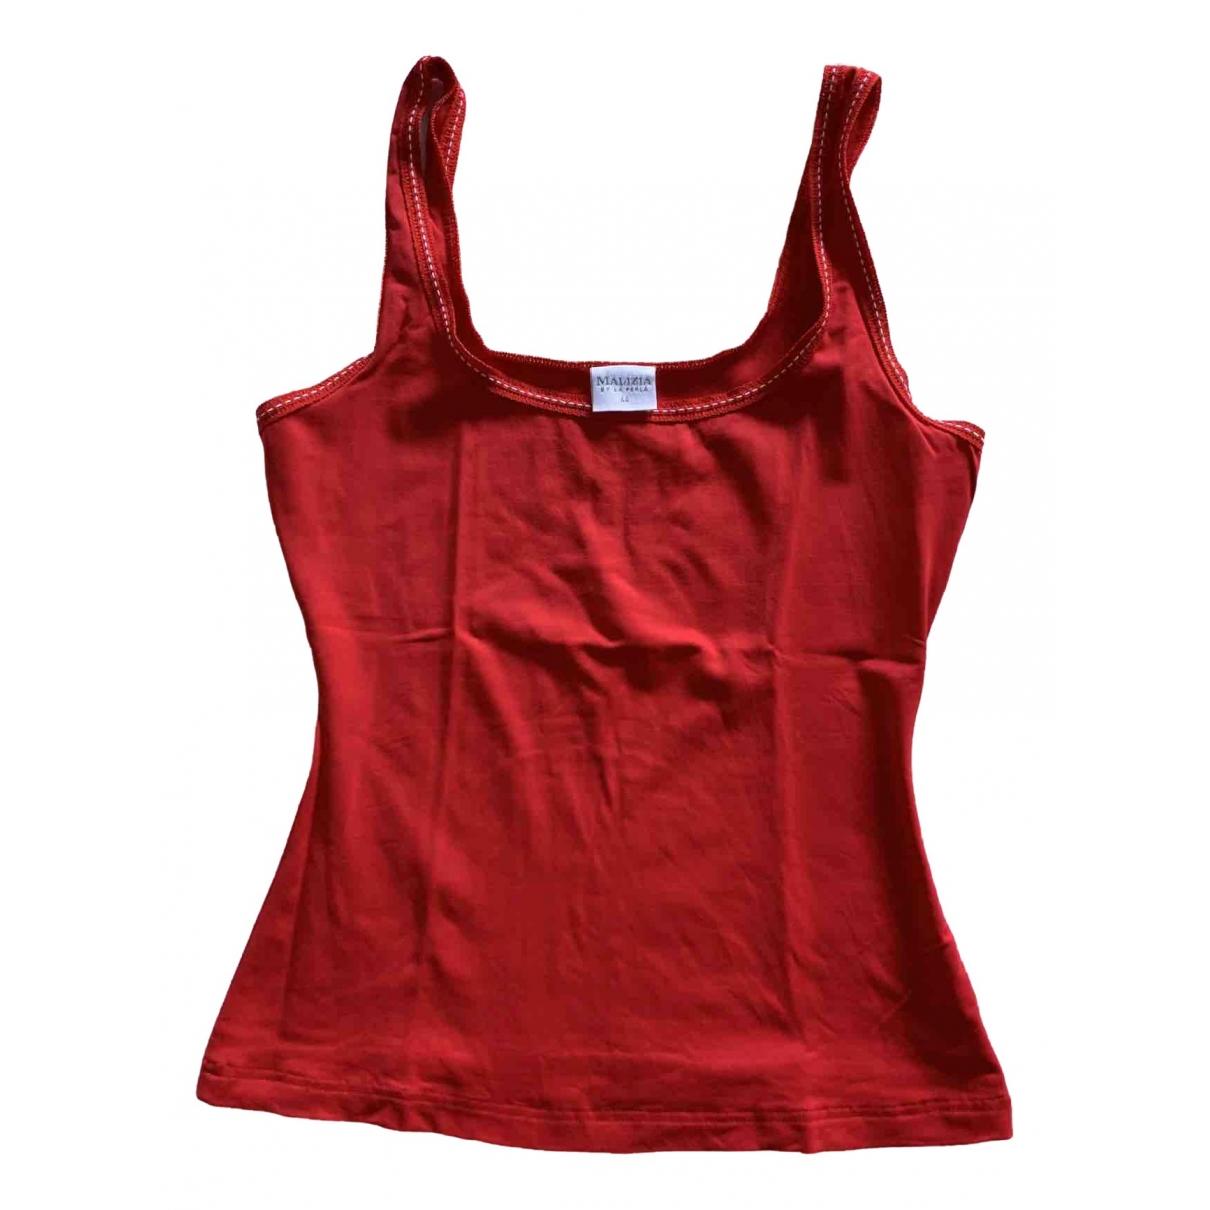 La Perla \N Red  top for Women 40 IT